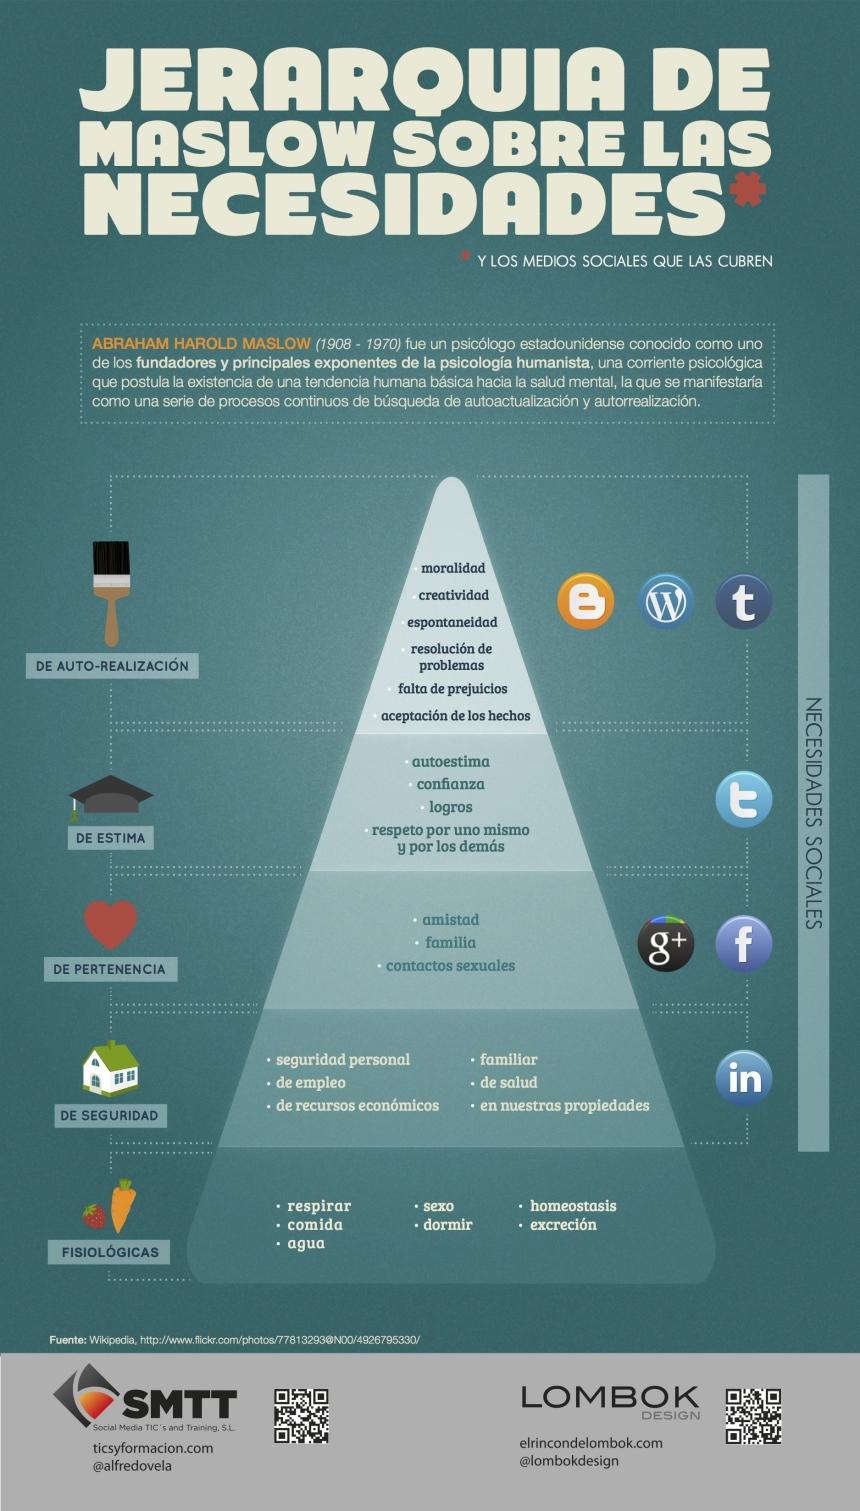 Social Media y la teoría de necesidades de Maslow